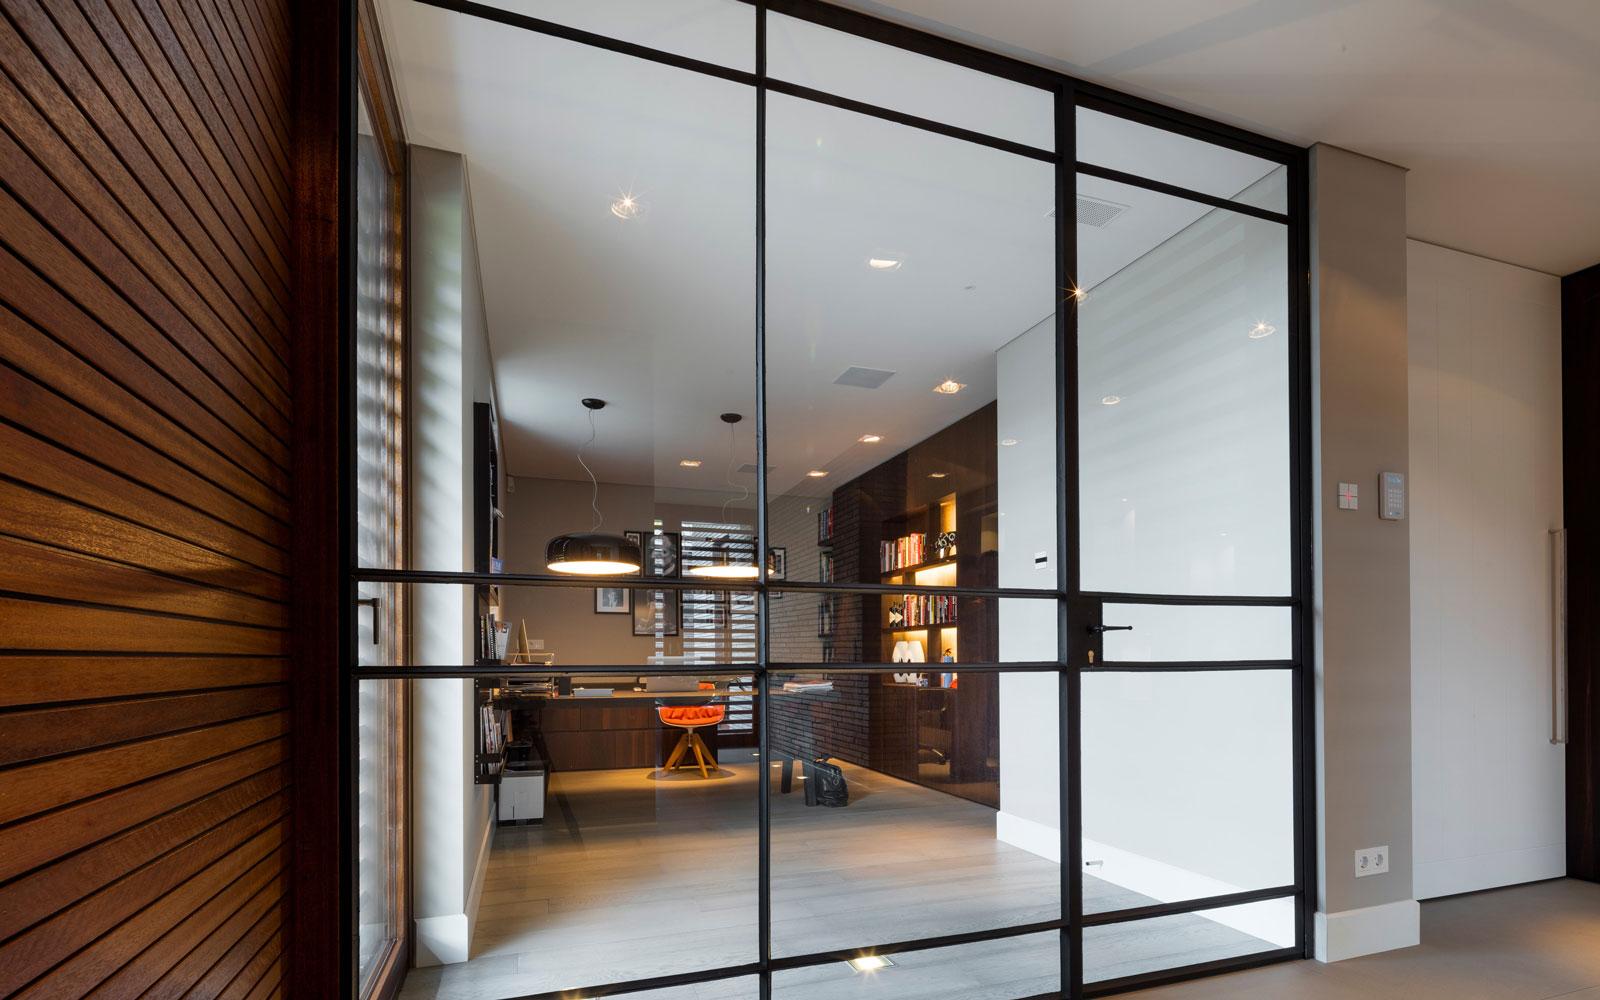 Kozijnen, De Brug Timmerfabriek Son, glazen deuren, industriële look, vloer JP Flooring, moderne villa, François Hannes